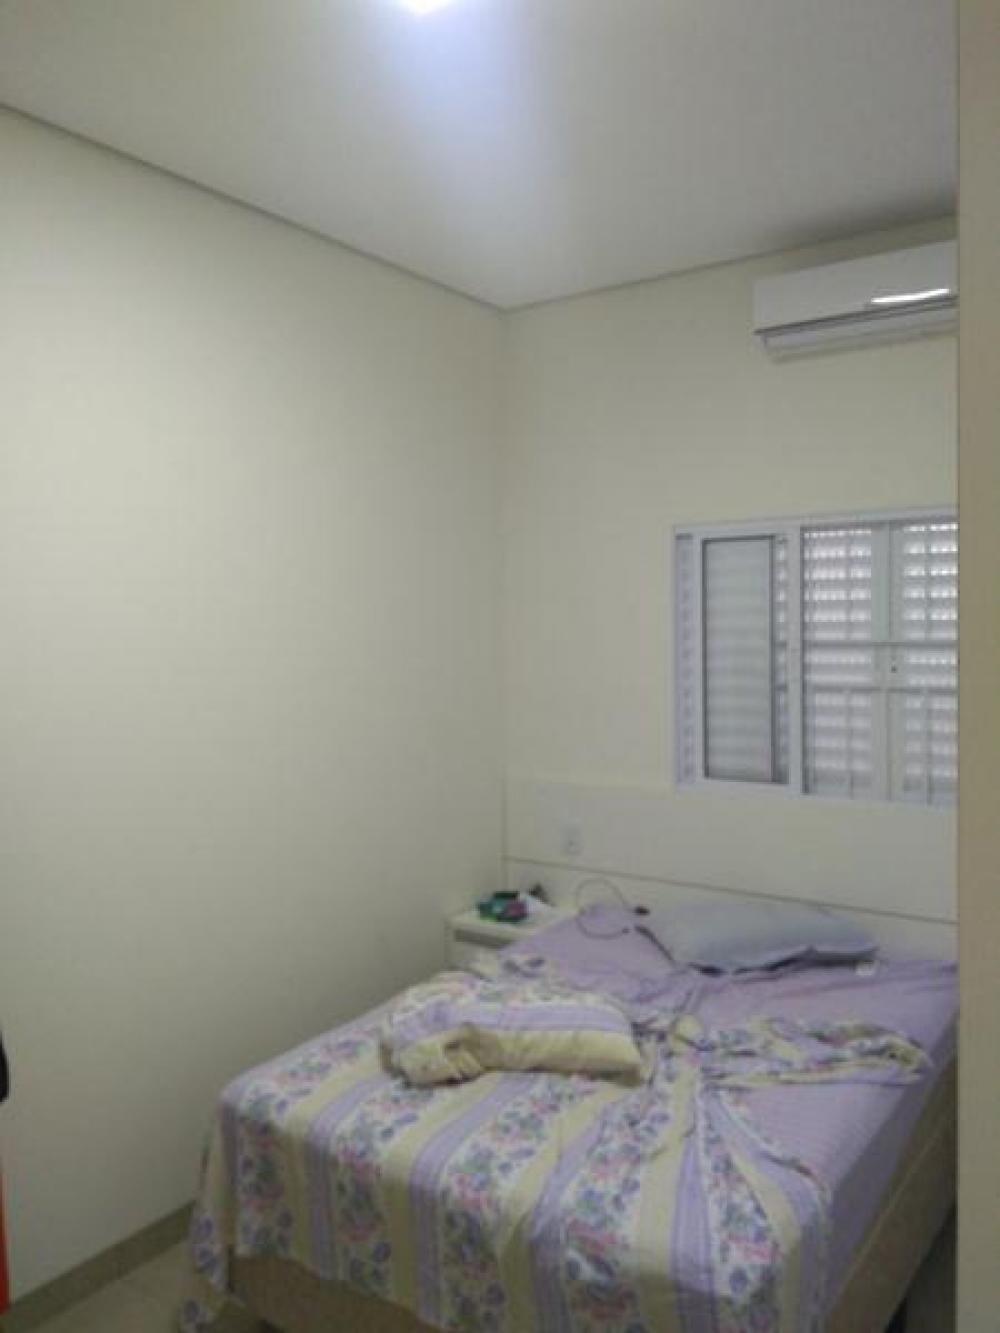 Comprar Casa / Padrão em Bady Bassitt apenas R$ 220.000,00 - Foto 4